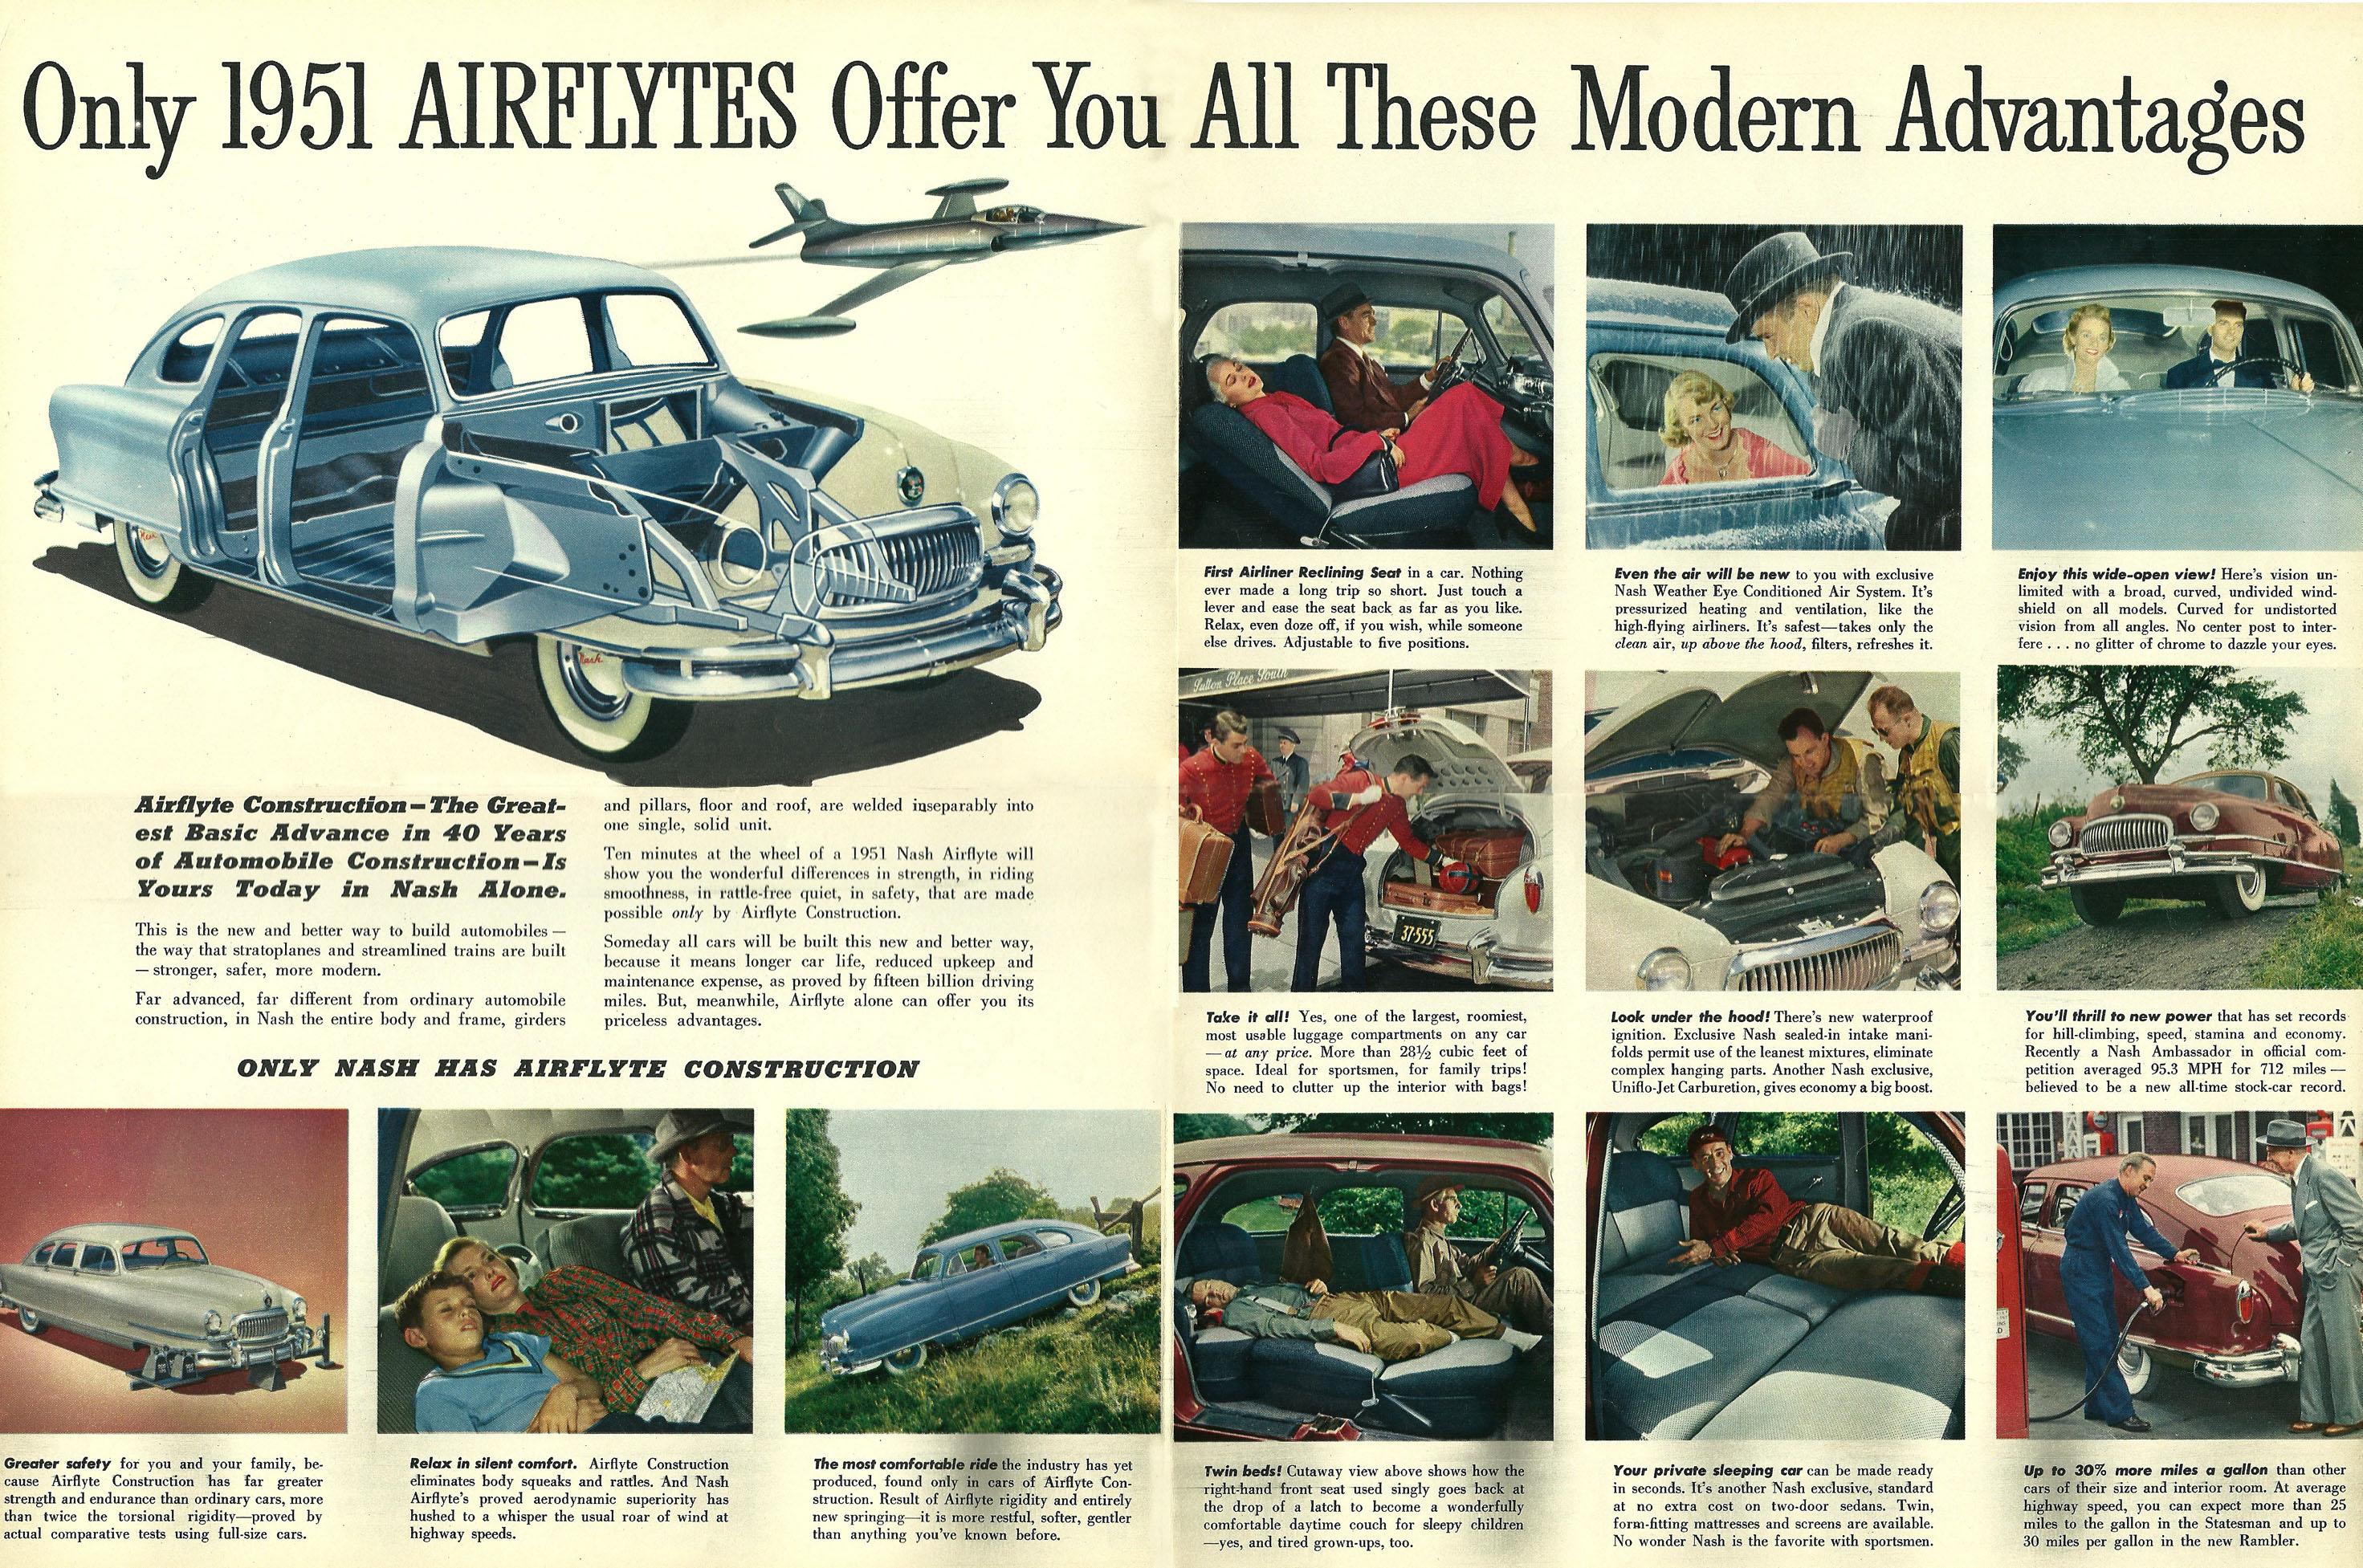 Image: 1951 Nash Full Line/1951 Nash Full Line-03: http://www.oldcarbrochures.com/new/130211/1951%20Nash%20Full%20Line/1951%20Nash%20Full%20Line-03.html